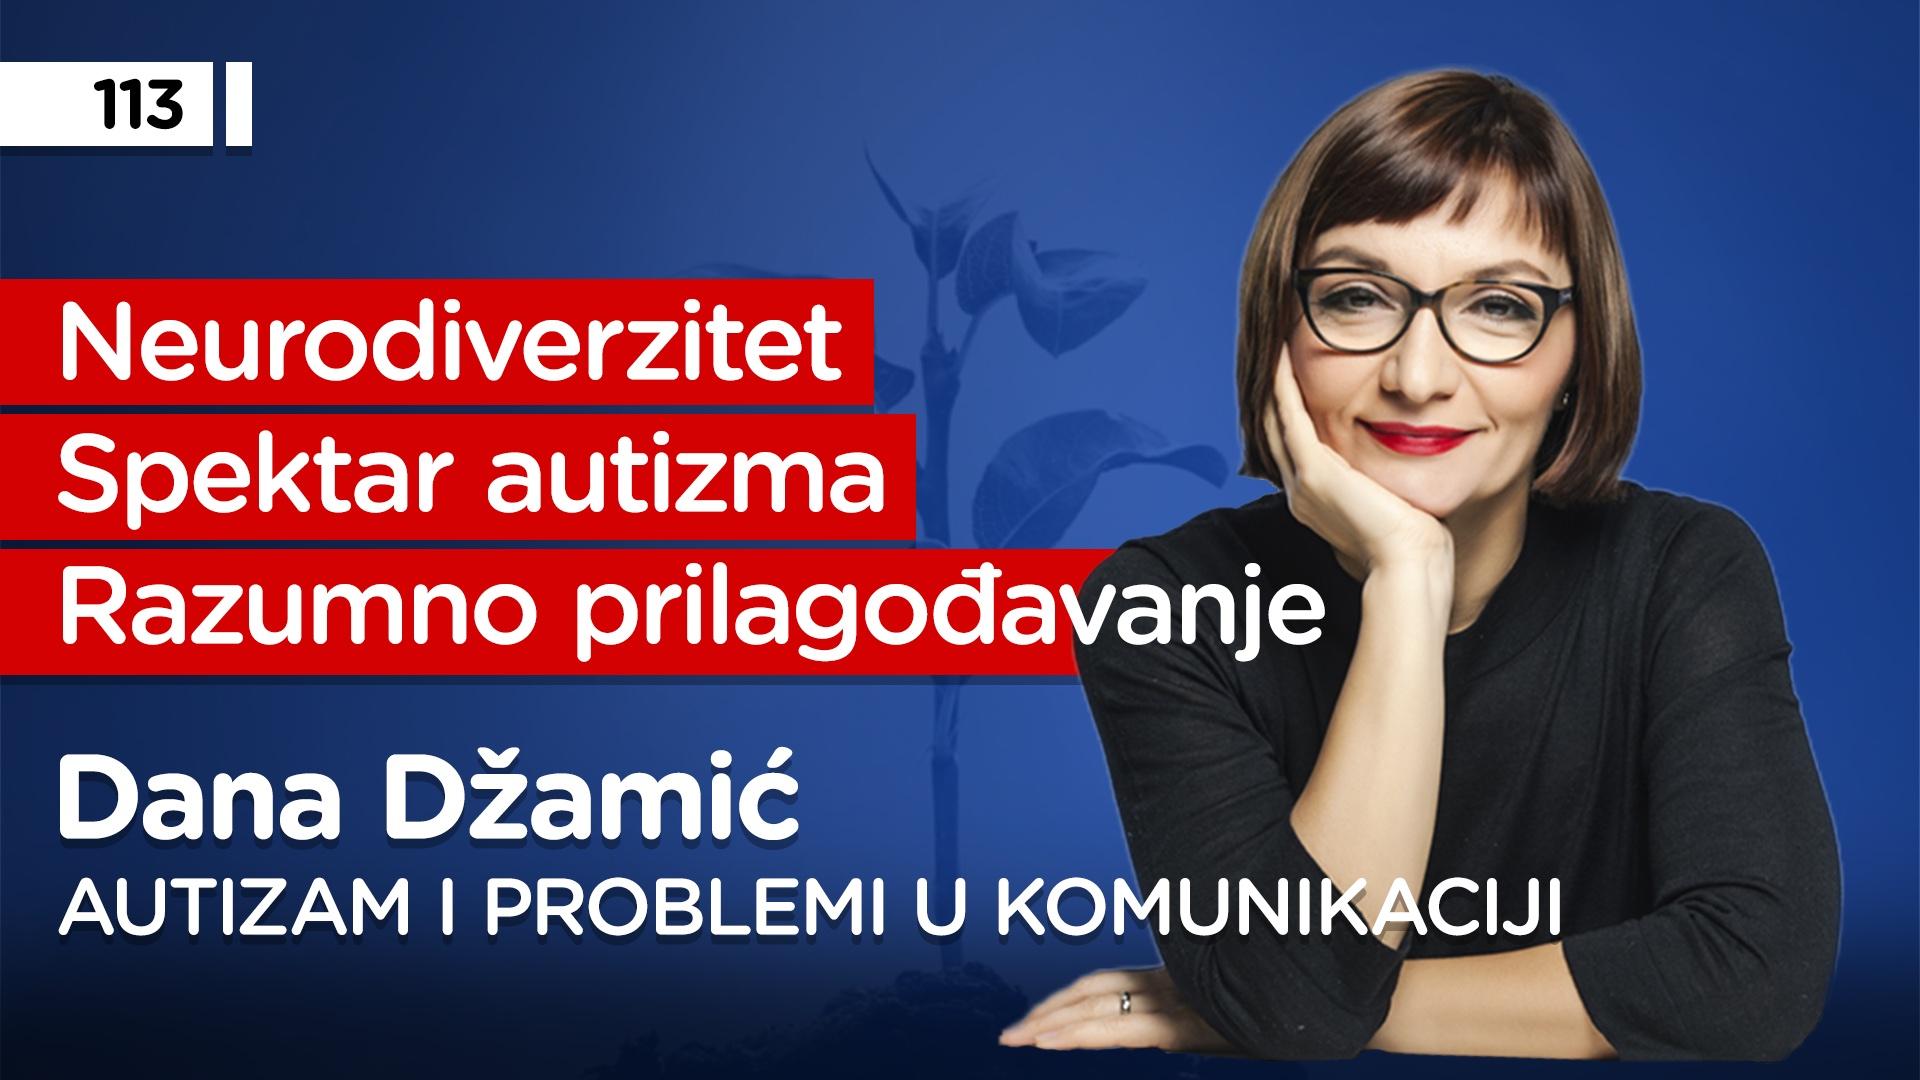 EP113: Dana Džamić